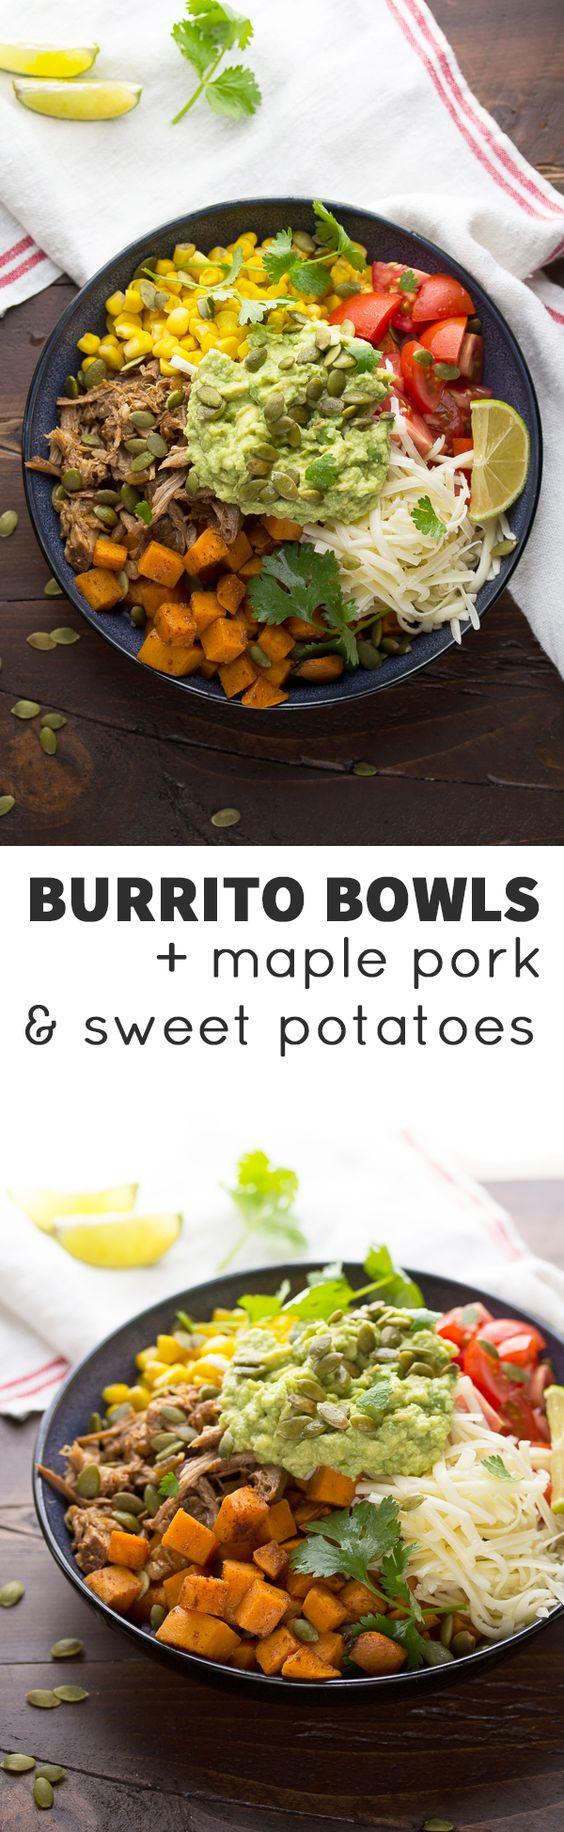 and more burrito bowls burritos easy dinners pulled pork pork bowls ...